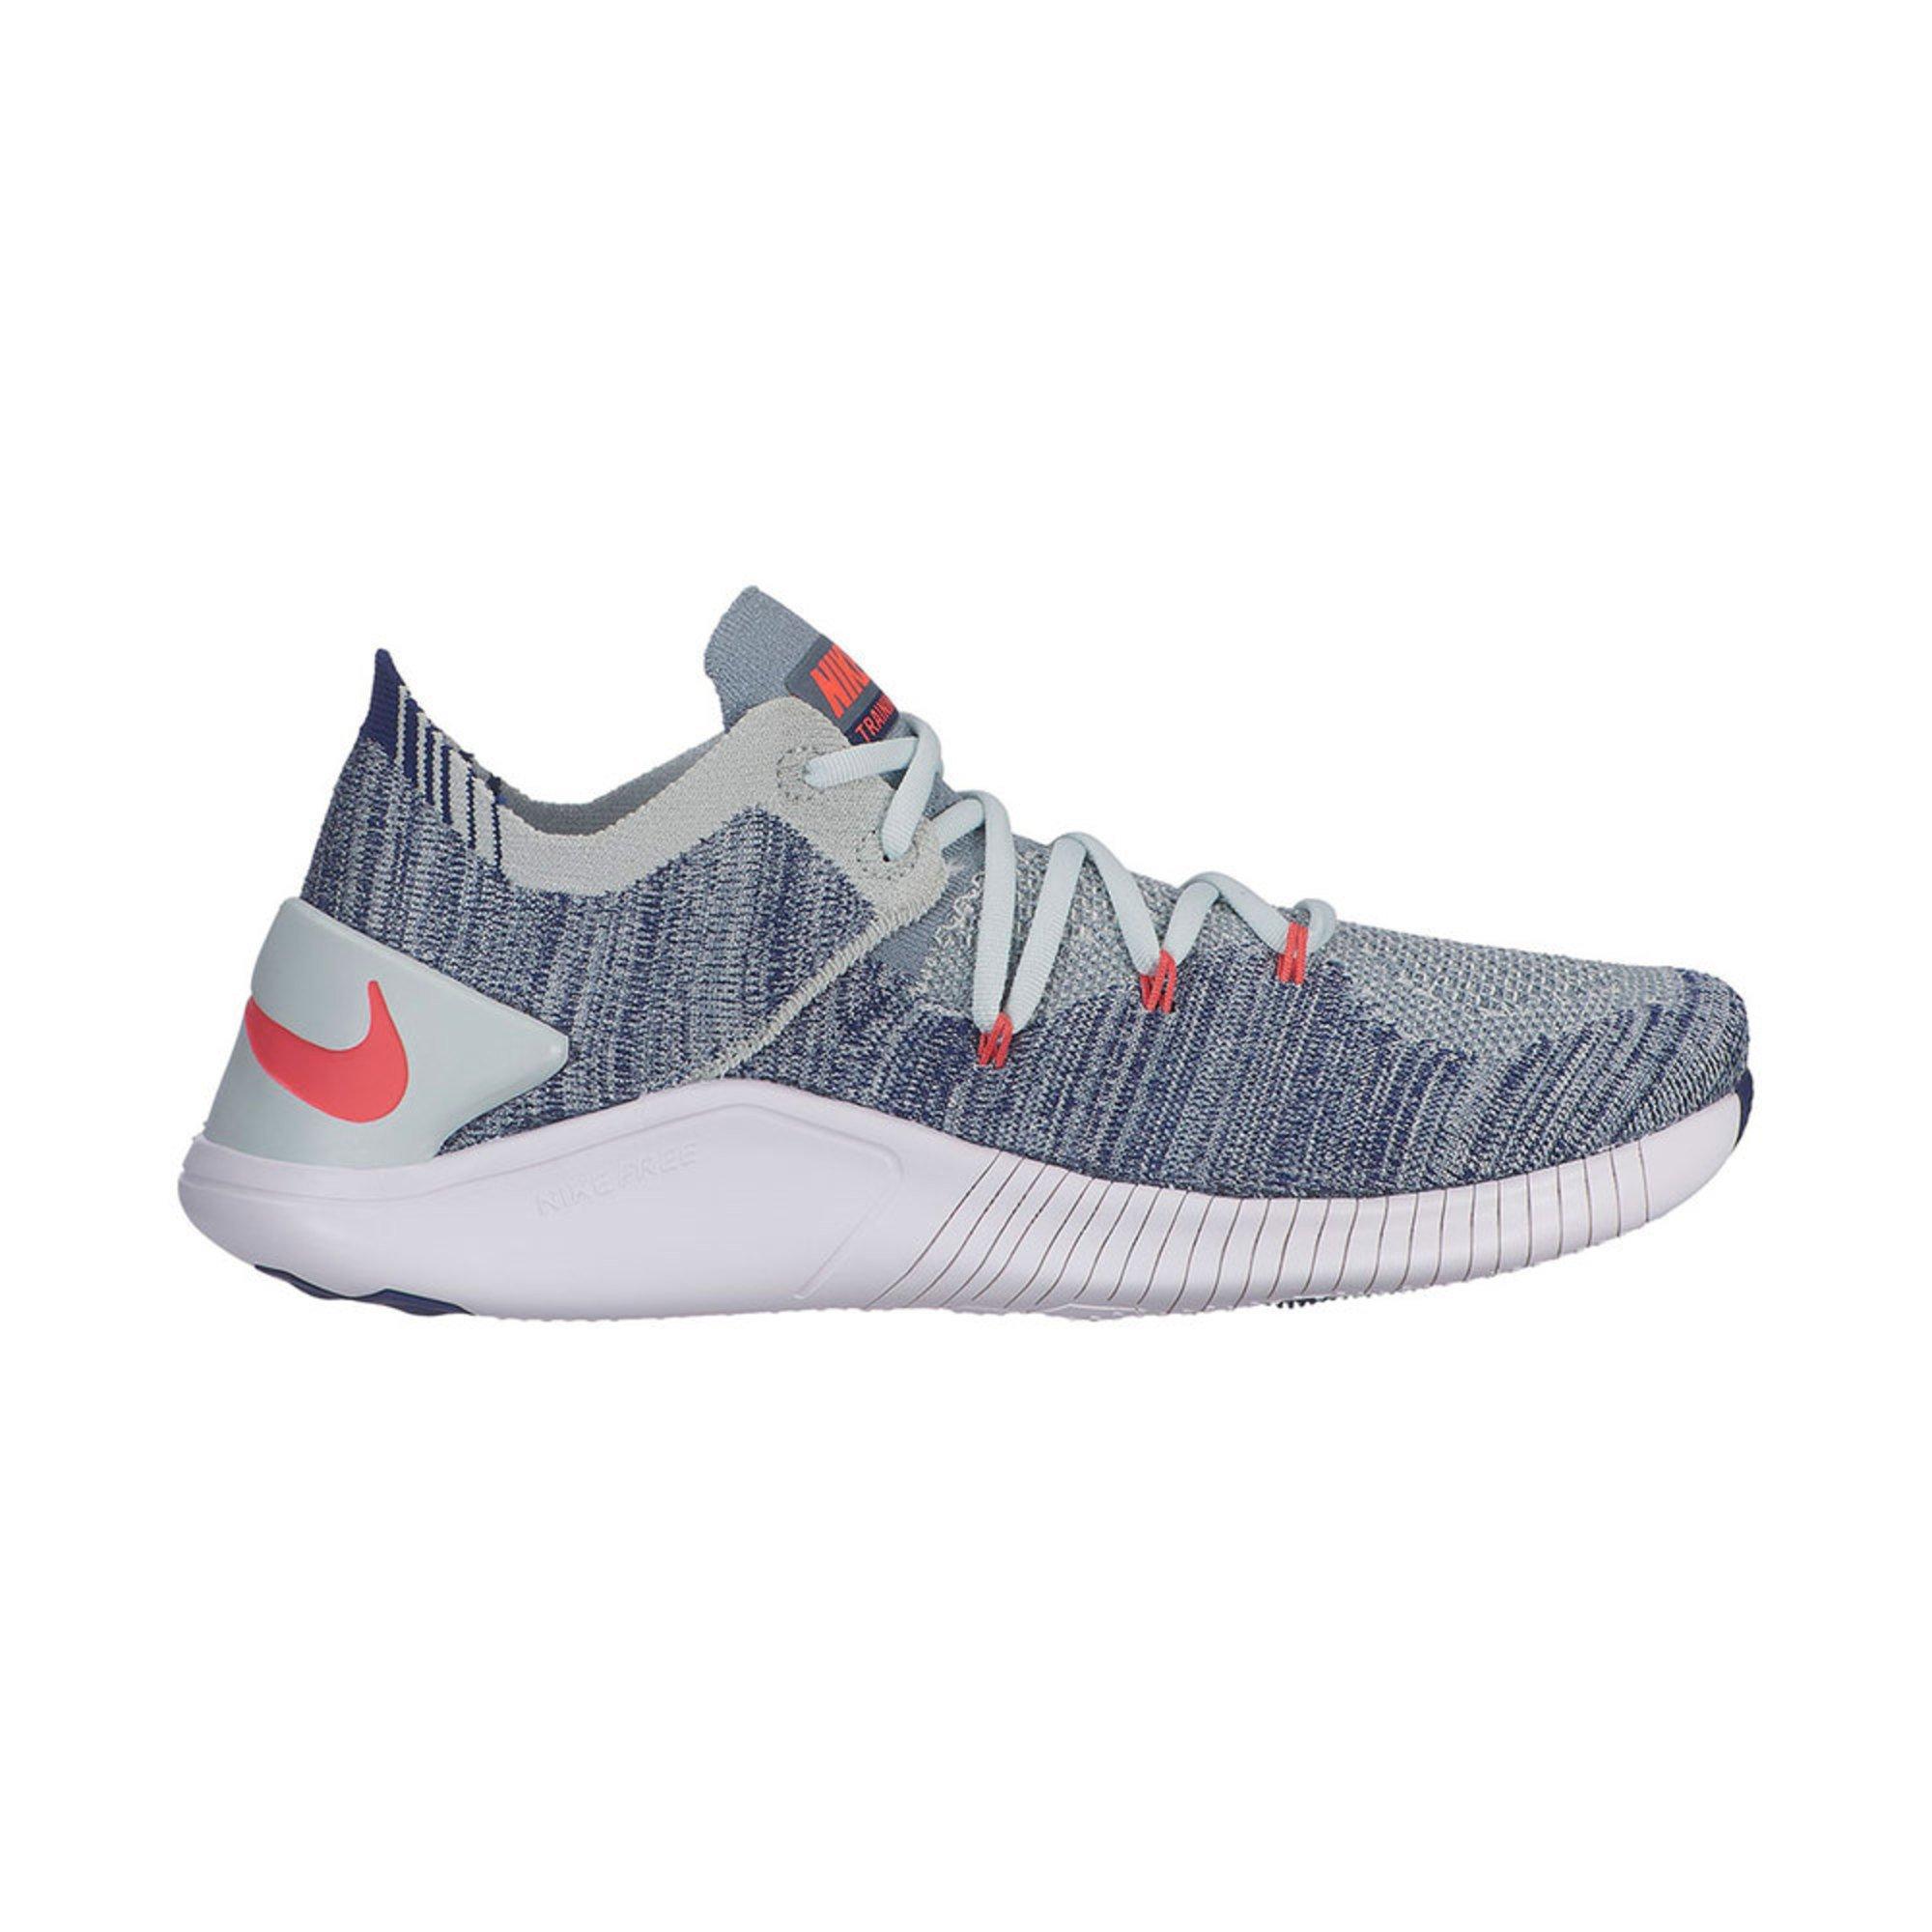 hot sale online 65e9e 03c1f Nike. Nike Women s Free TR Flyknit 3 Training Shoe